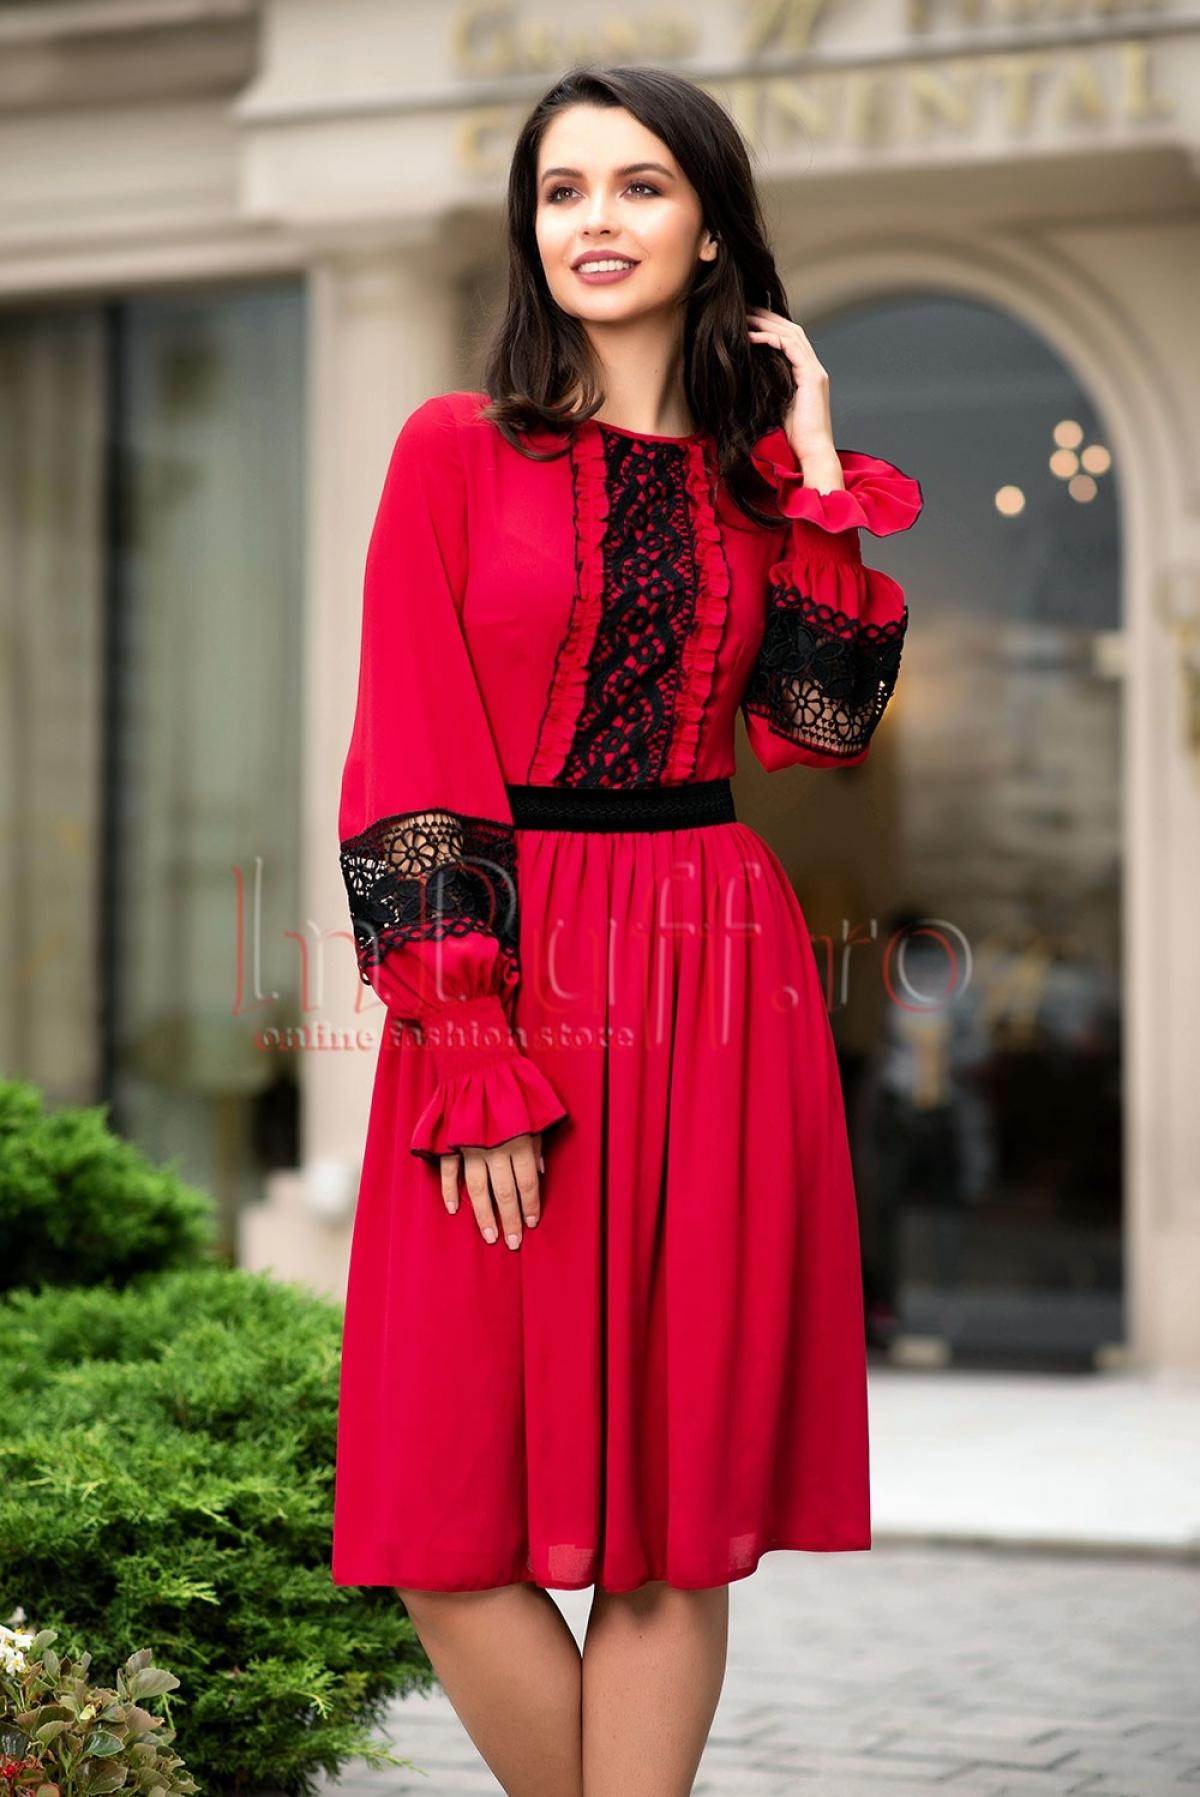 Rochie din voal rosu cu broderie neagra